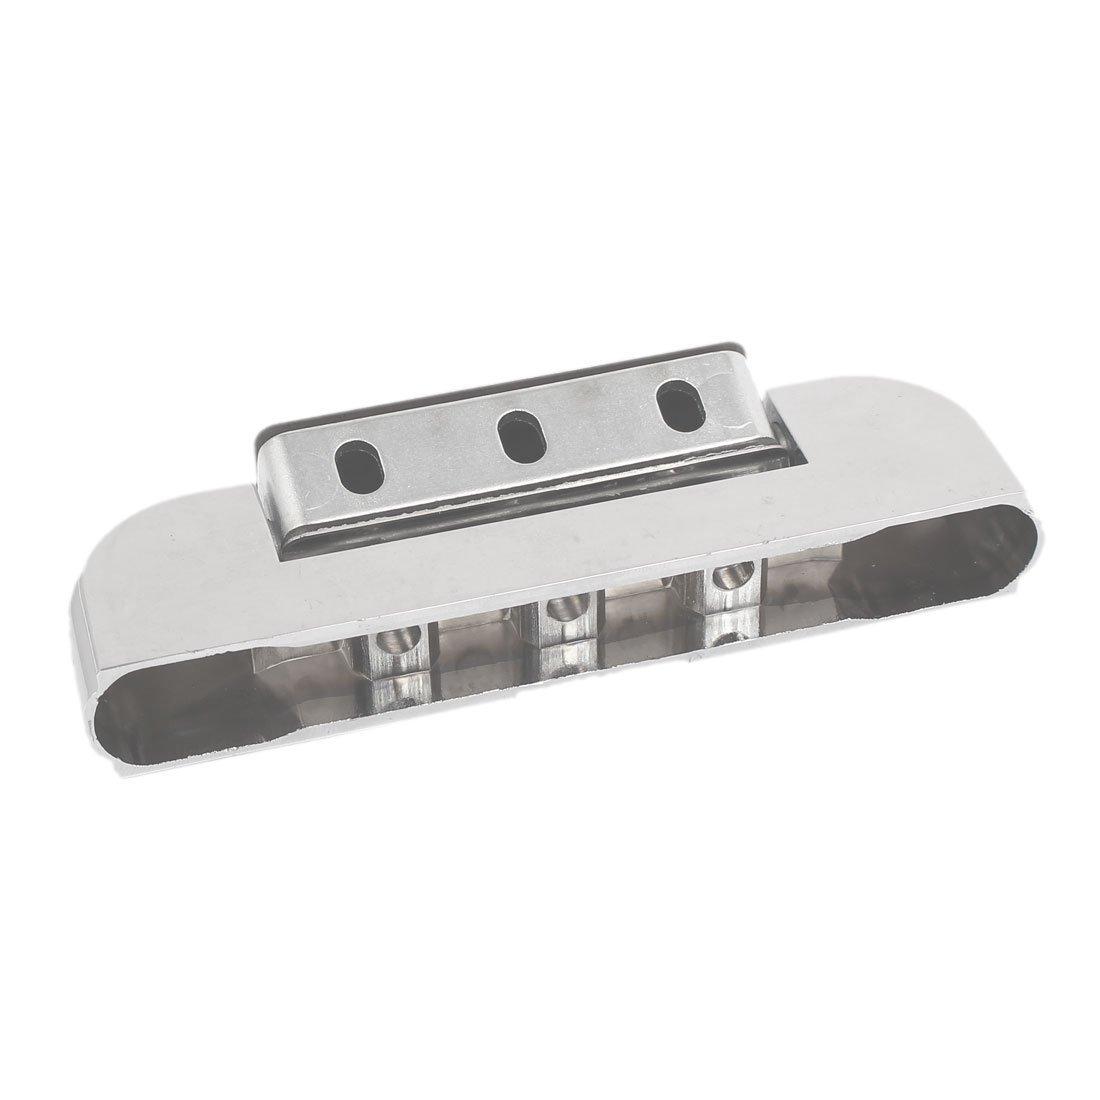 DealMux 125mm 5-inch Metal Rectangular Refrigerator Freezer Lock Door Hinge Silver Tone